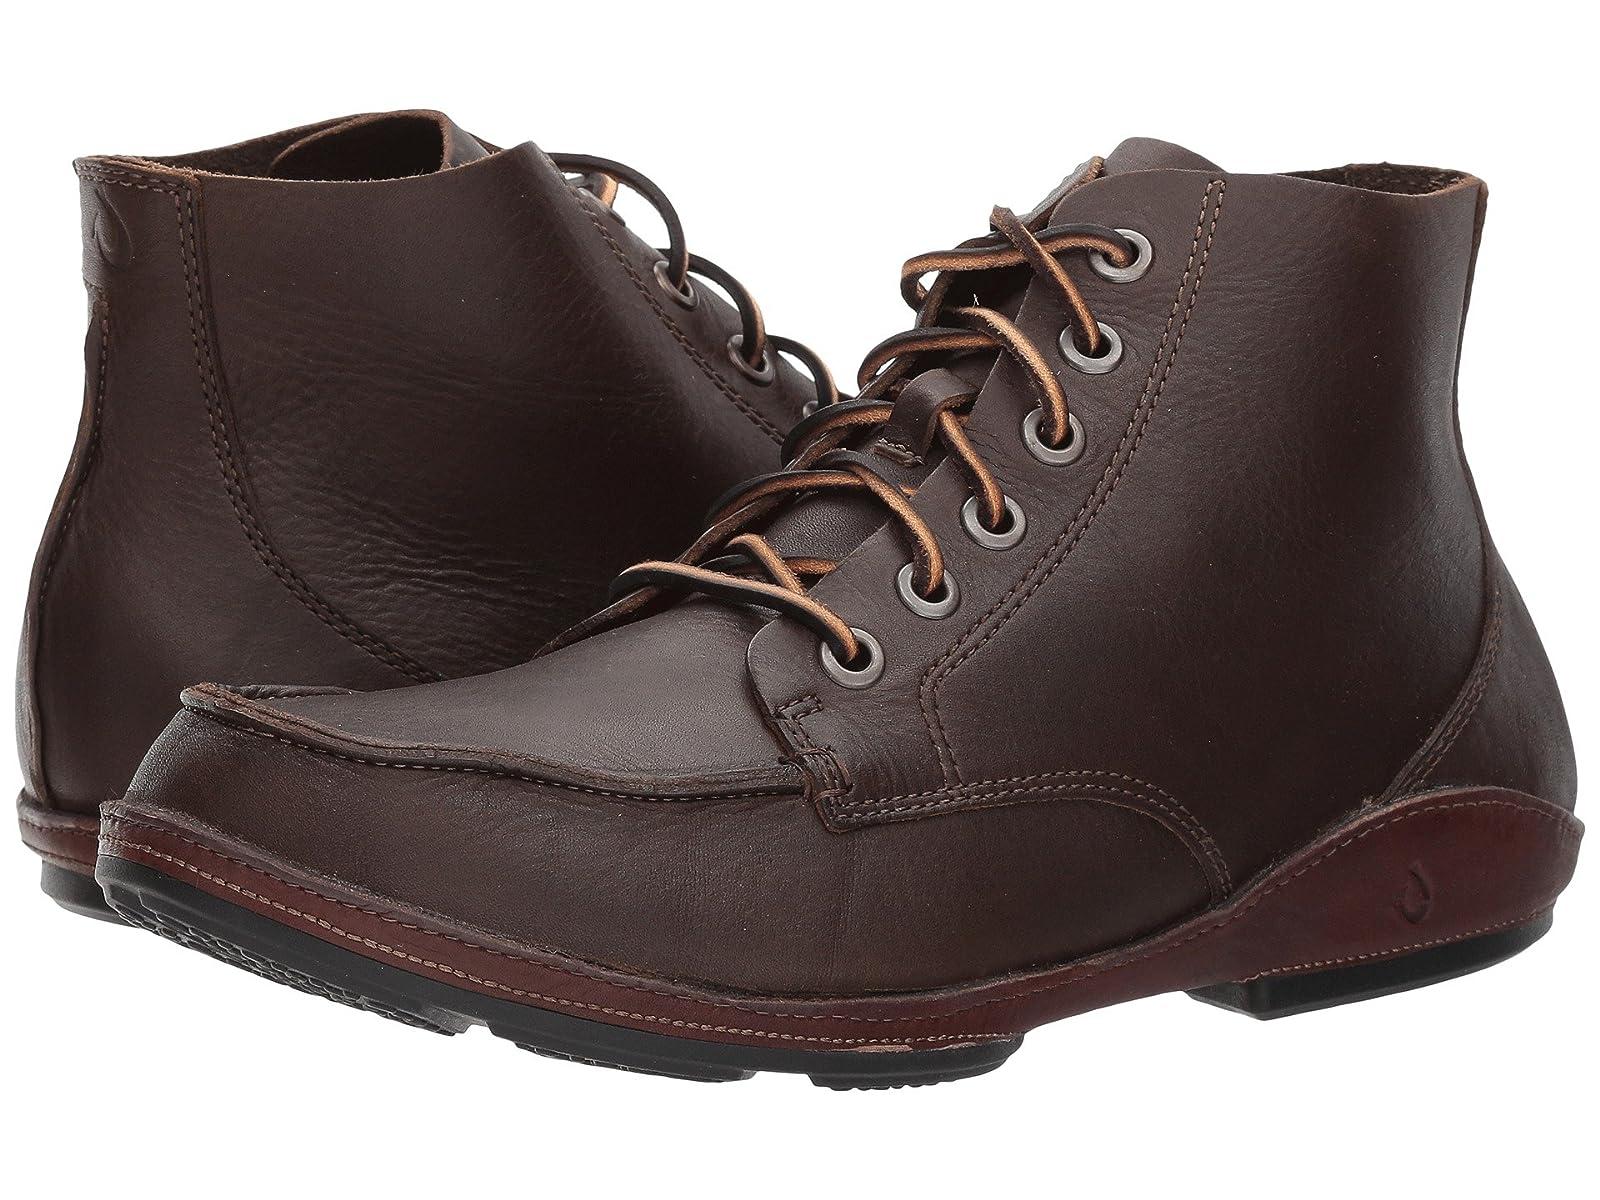 OluKai Ni'o BootEconomical and quality shoes